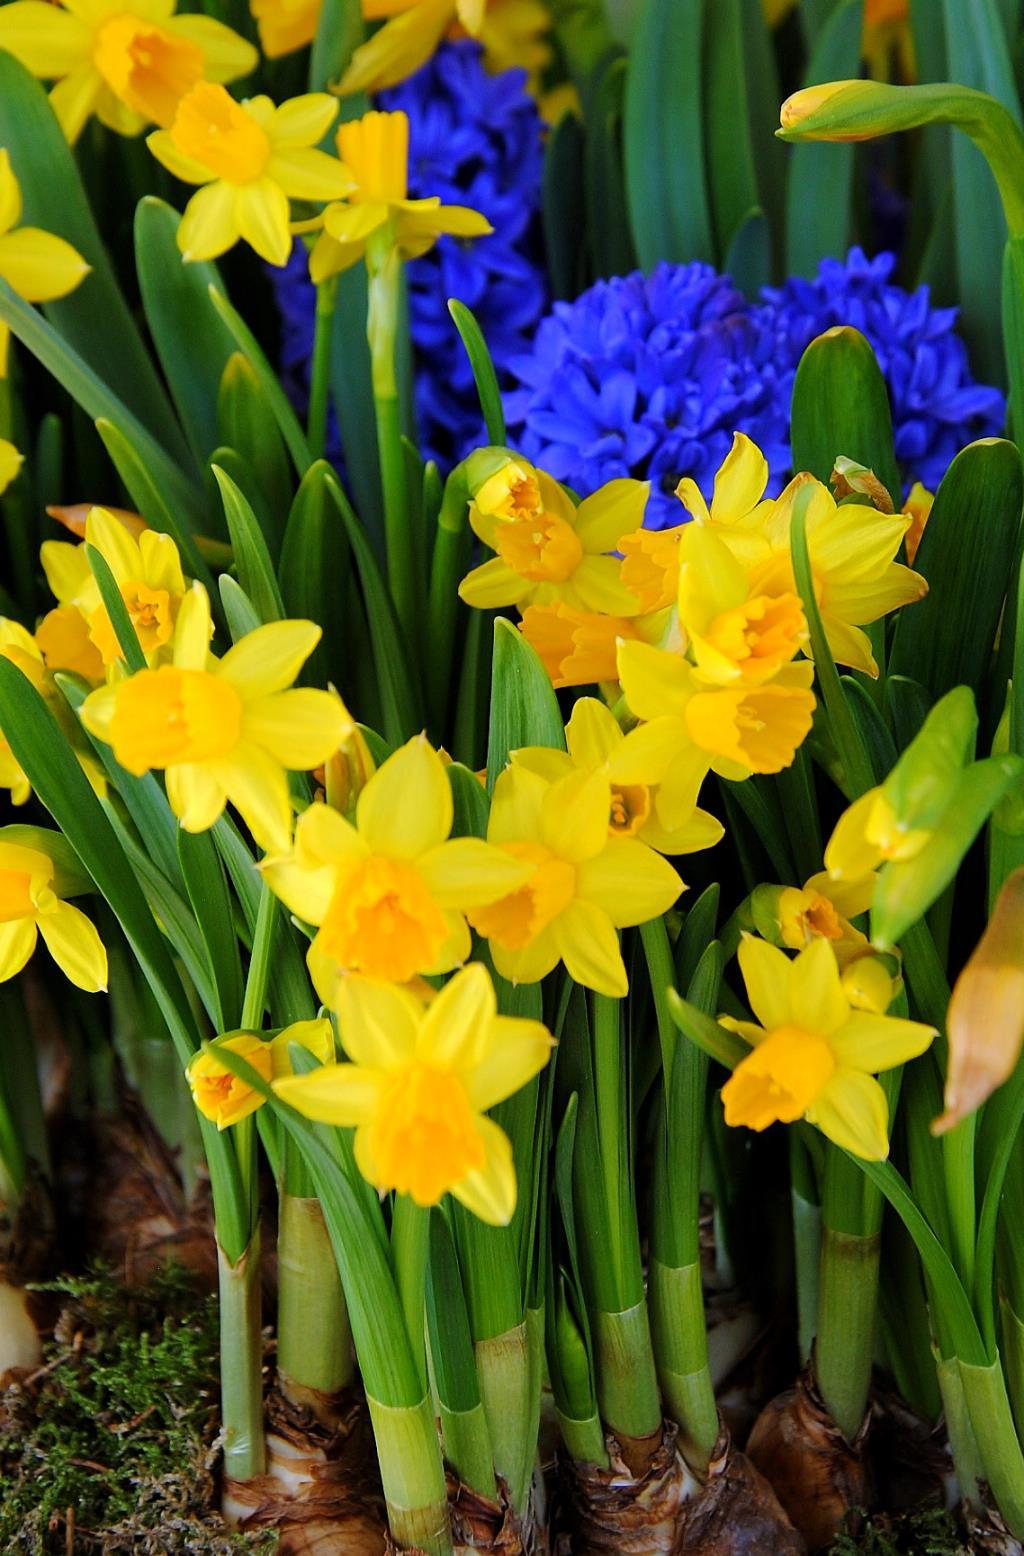 яркие краски весны. Блиц: весна